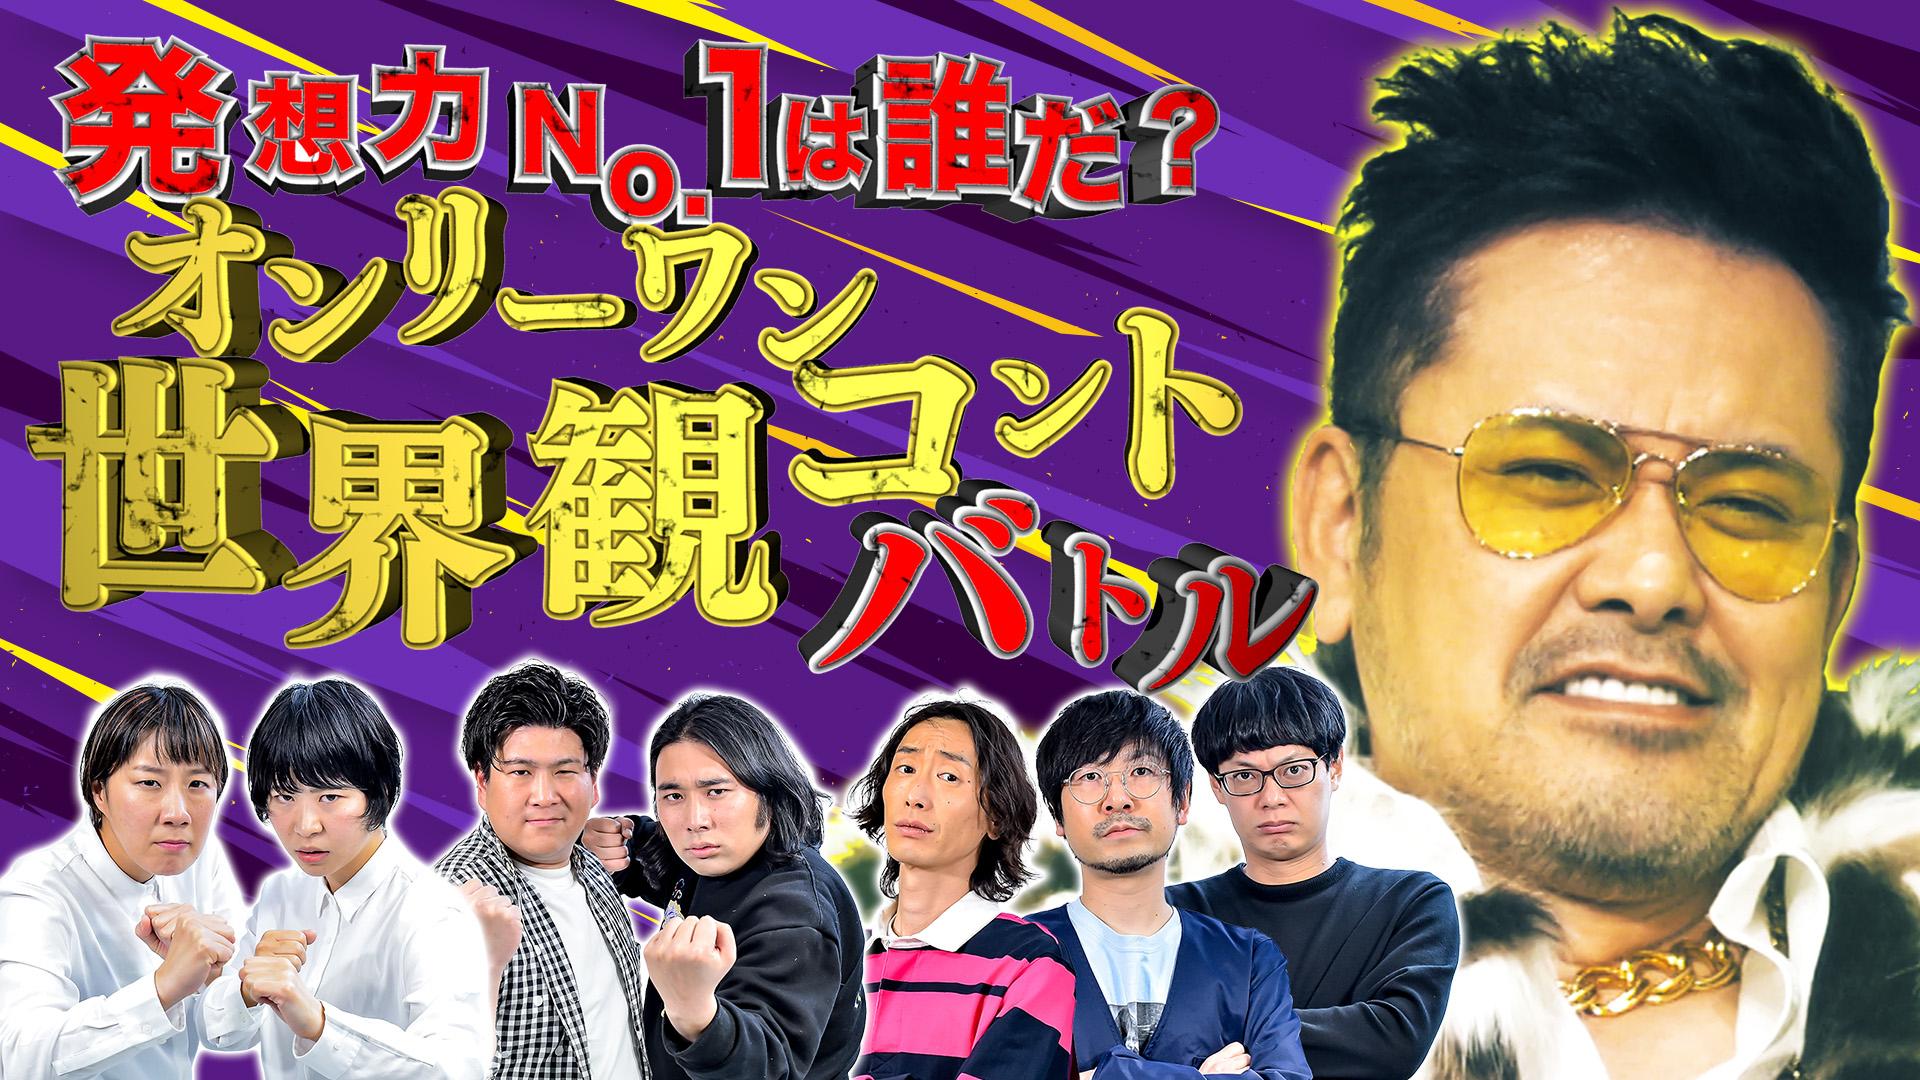 賞金奪い合いネタバトル ソウドリ~SOUDORI~ #3 世界観コントバトル!